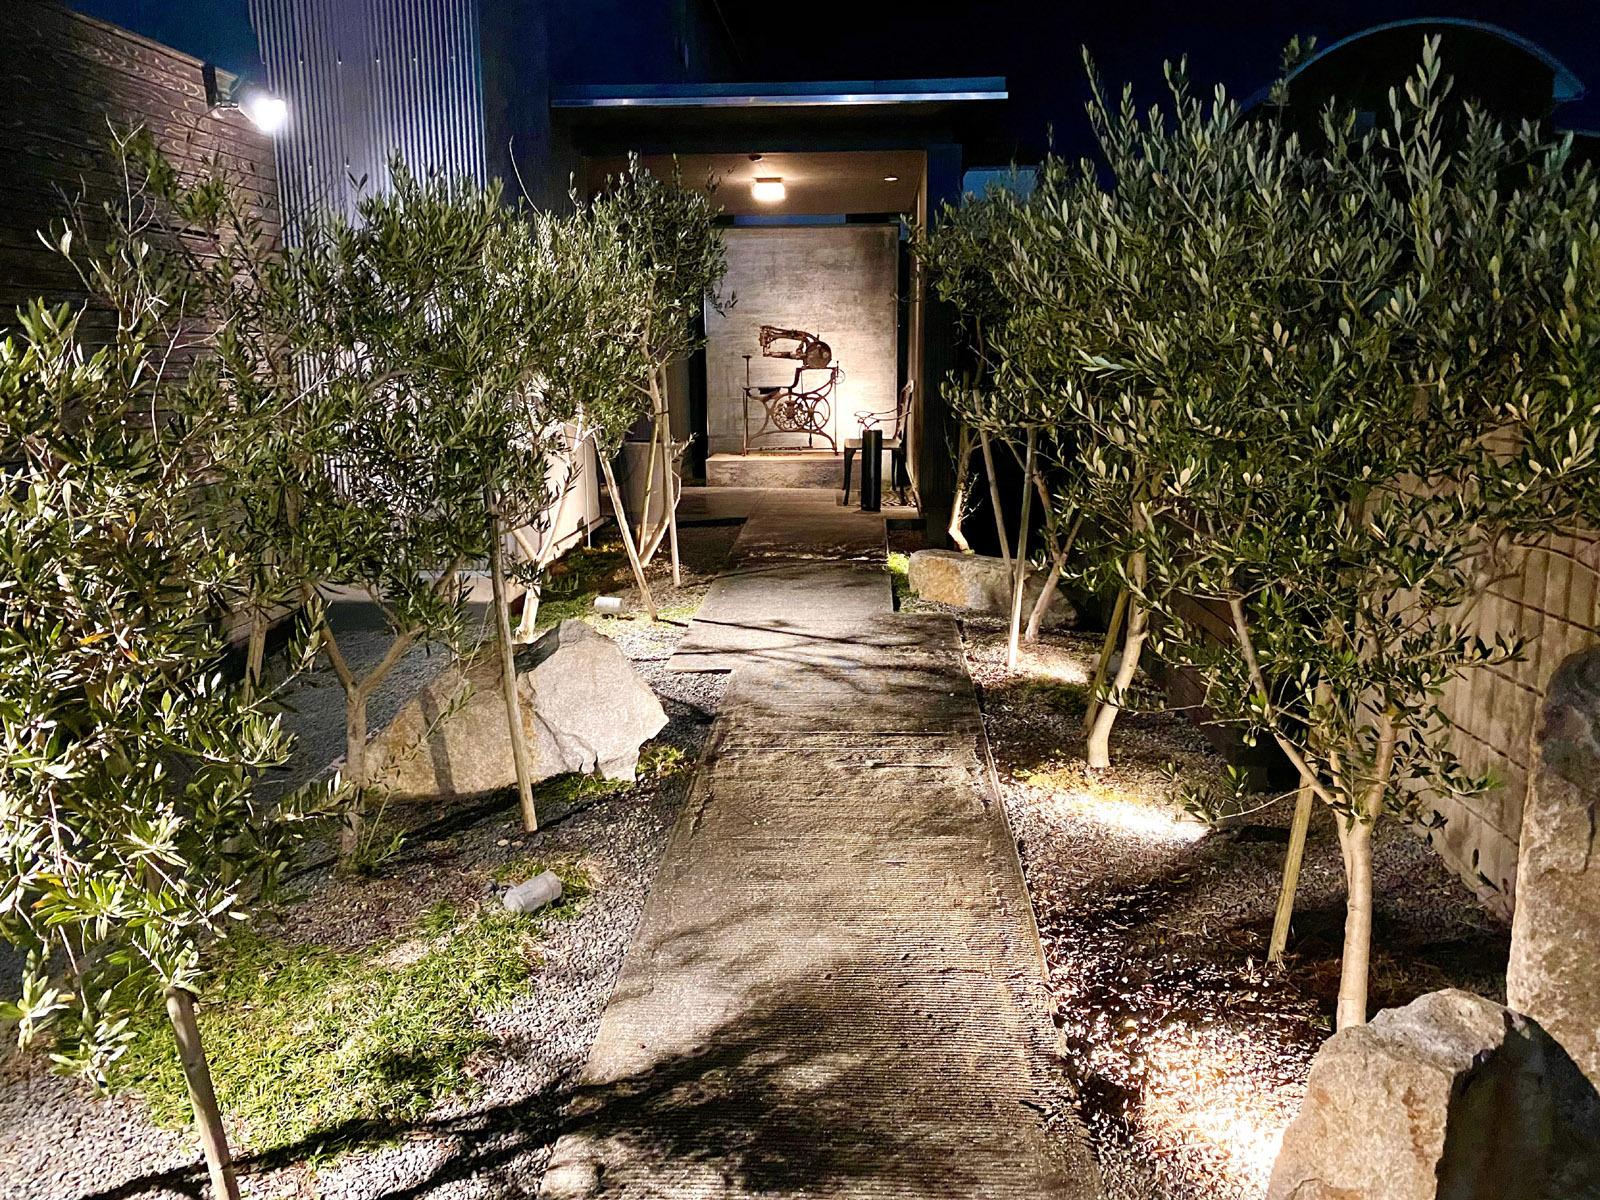 足袋のTOBICHI 入口.